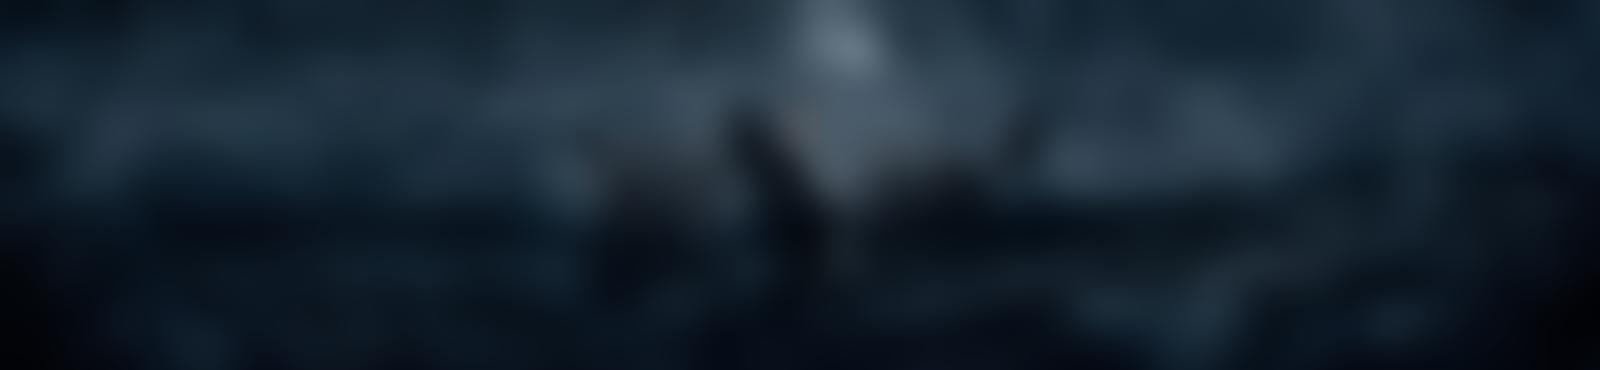 Blurred 2d581f51 016d 48d1 a8bd fd17d27517d7